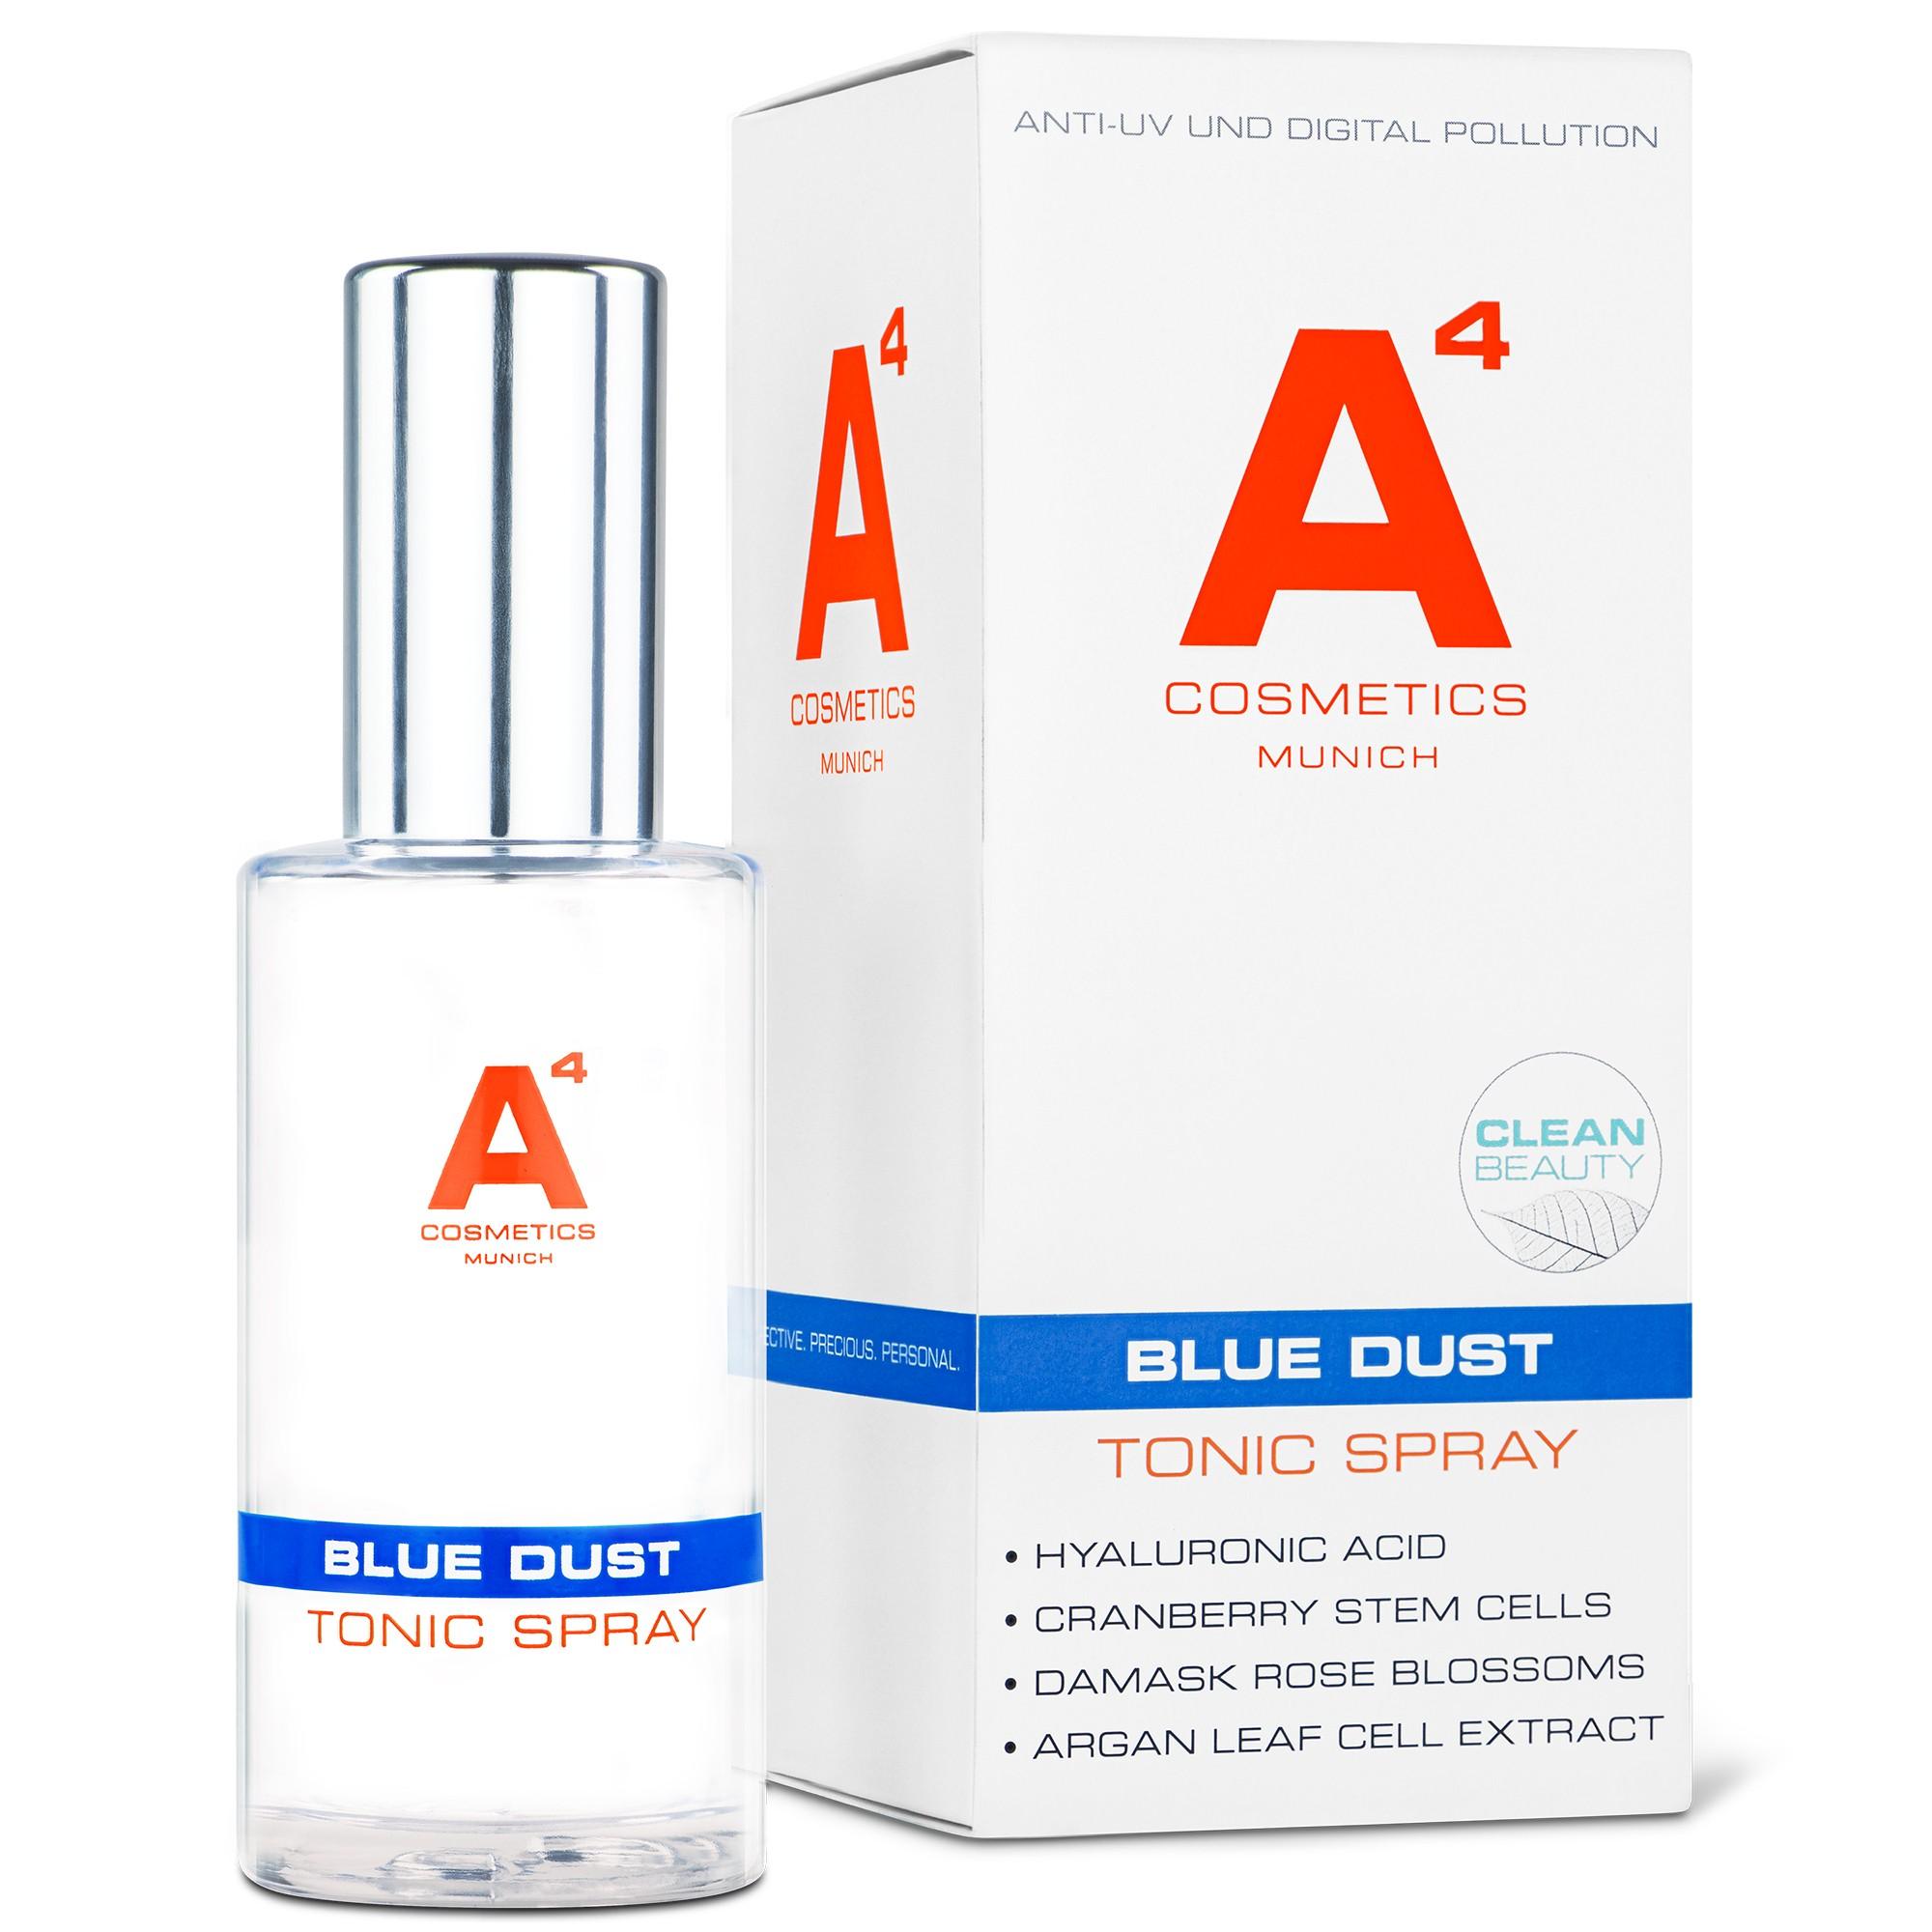 BLUE DUST TONIC SPRAY - A4...